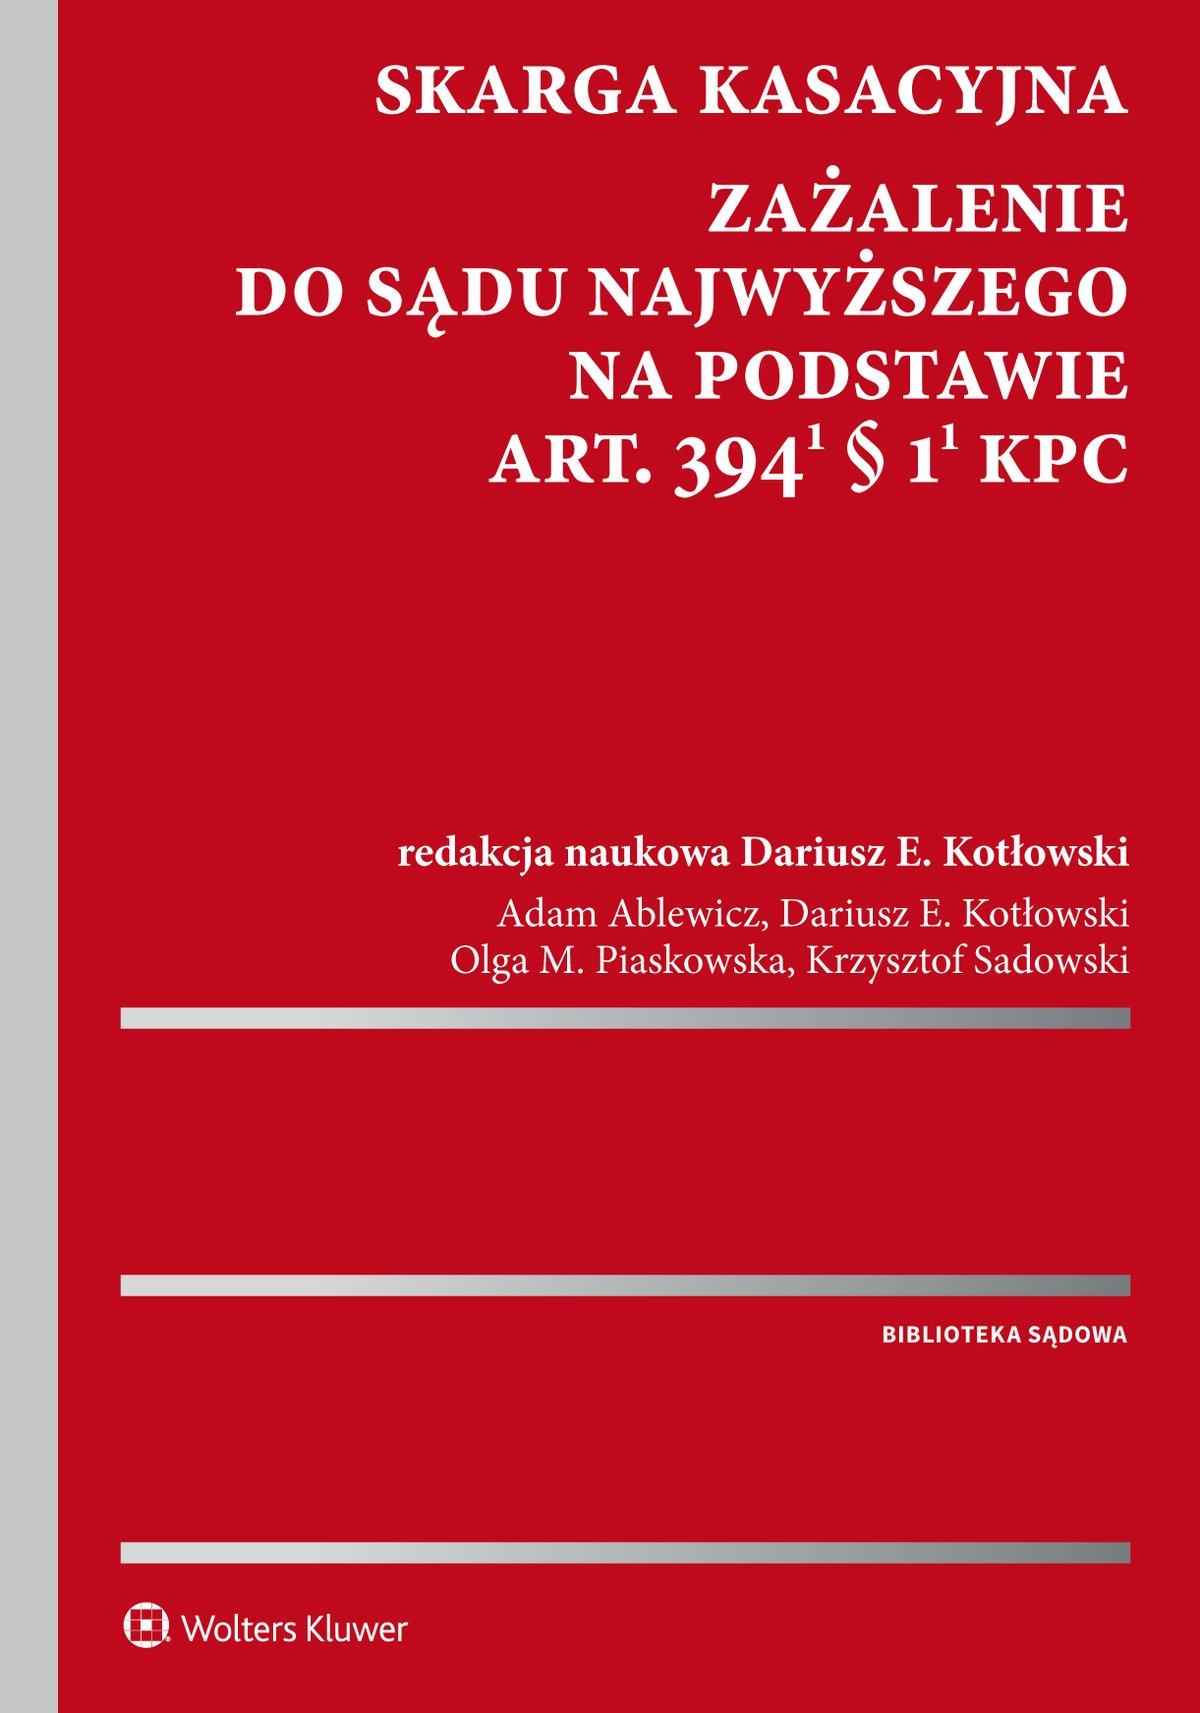 Skarga kasacyjna. Zażalenie do Sądu Najwyższego na podstawie art. 394(1) § 1(1) k.p.c. - Ebook (Książka PDF) do pobrania w formacie PDF